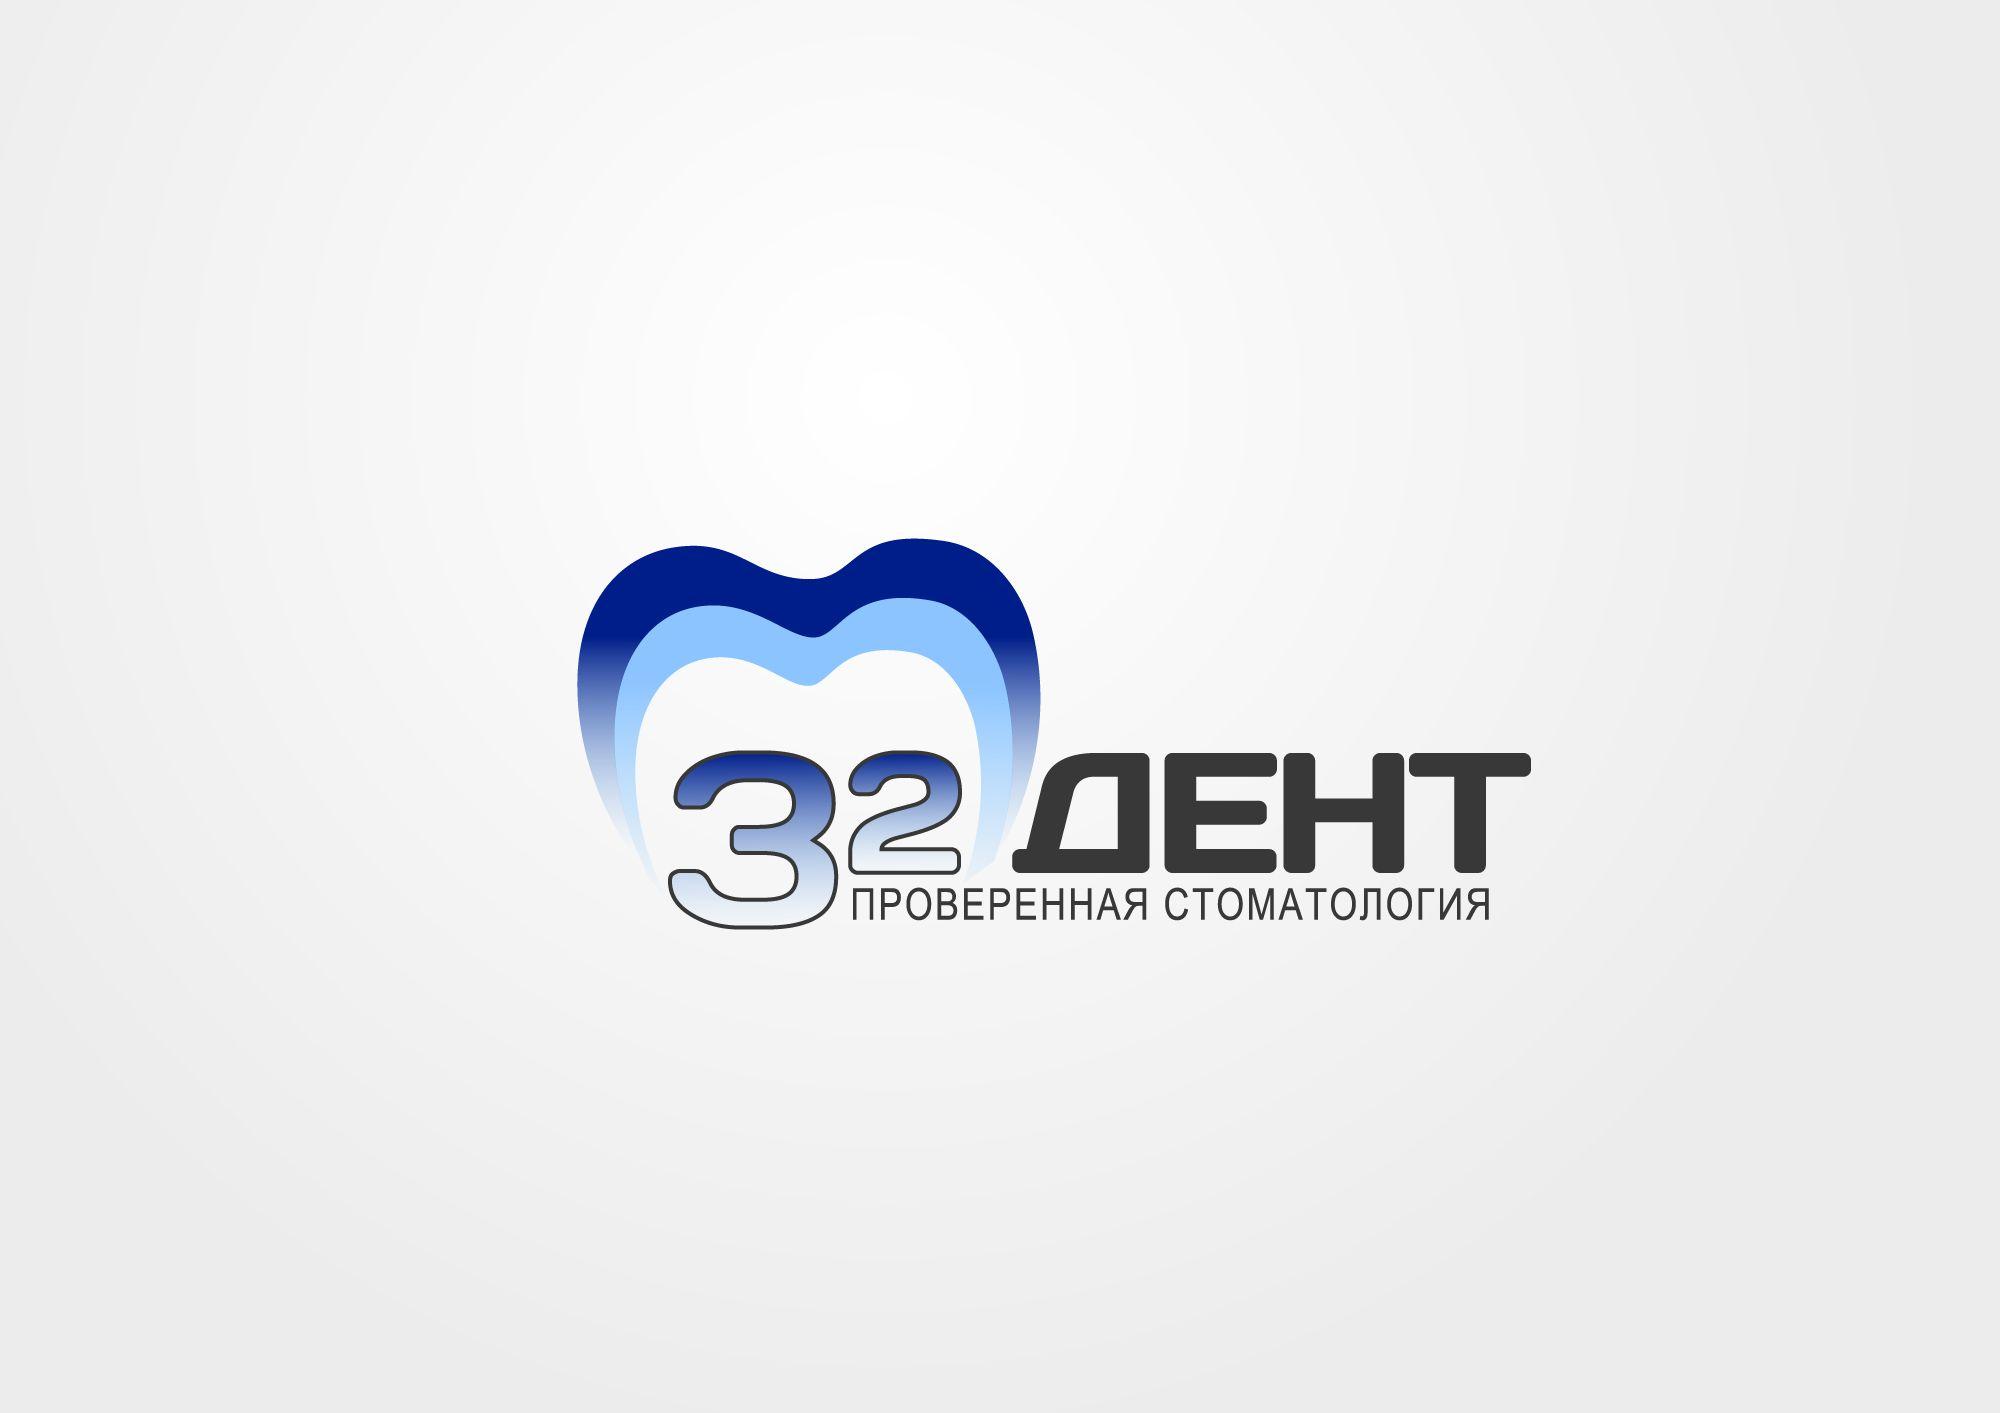 Логотип для сети стоматологических клиник - дизайнер Alphir